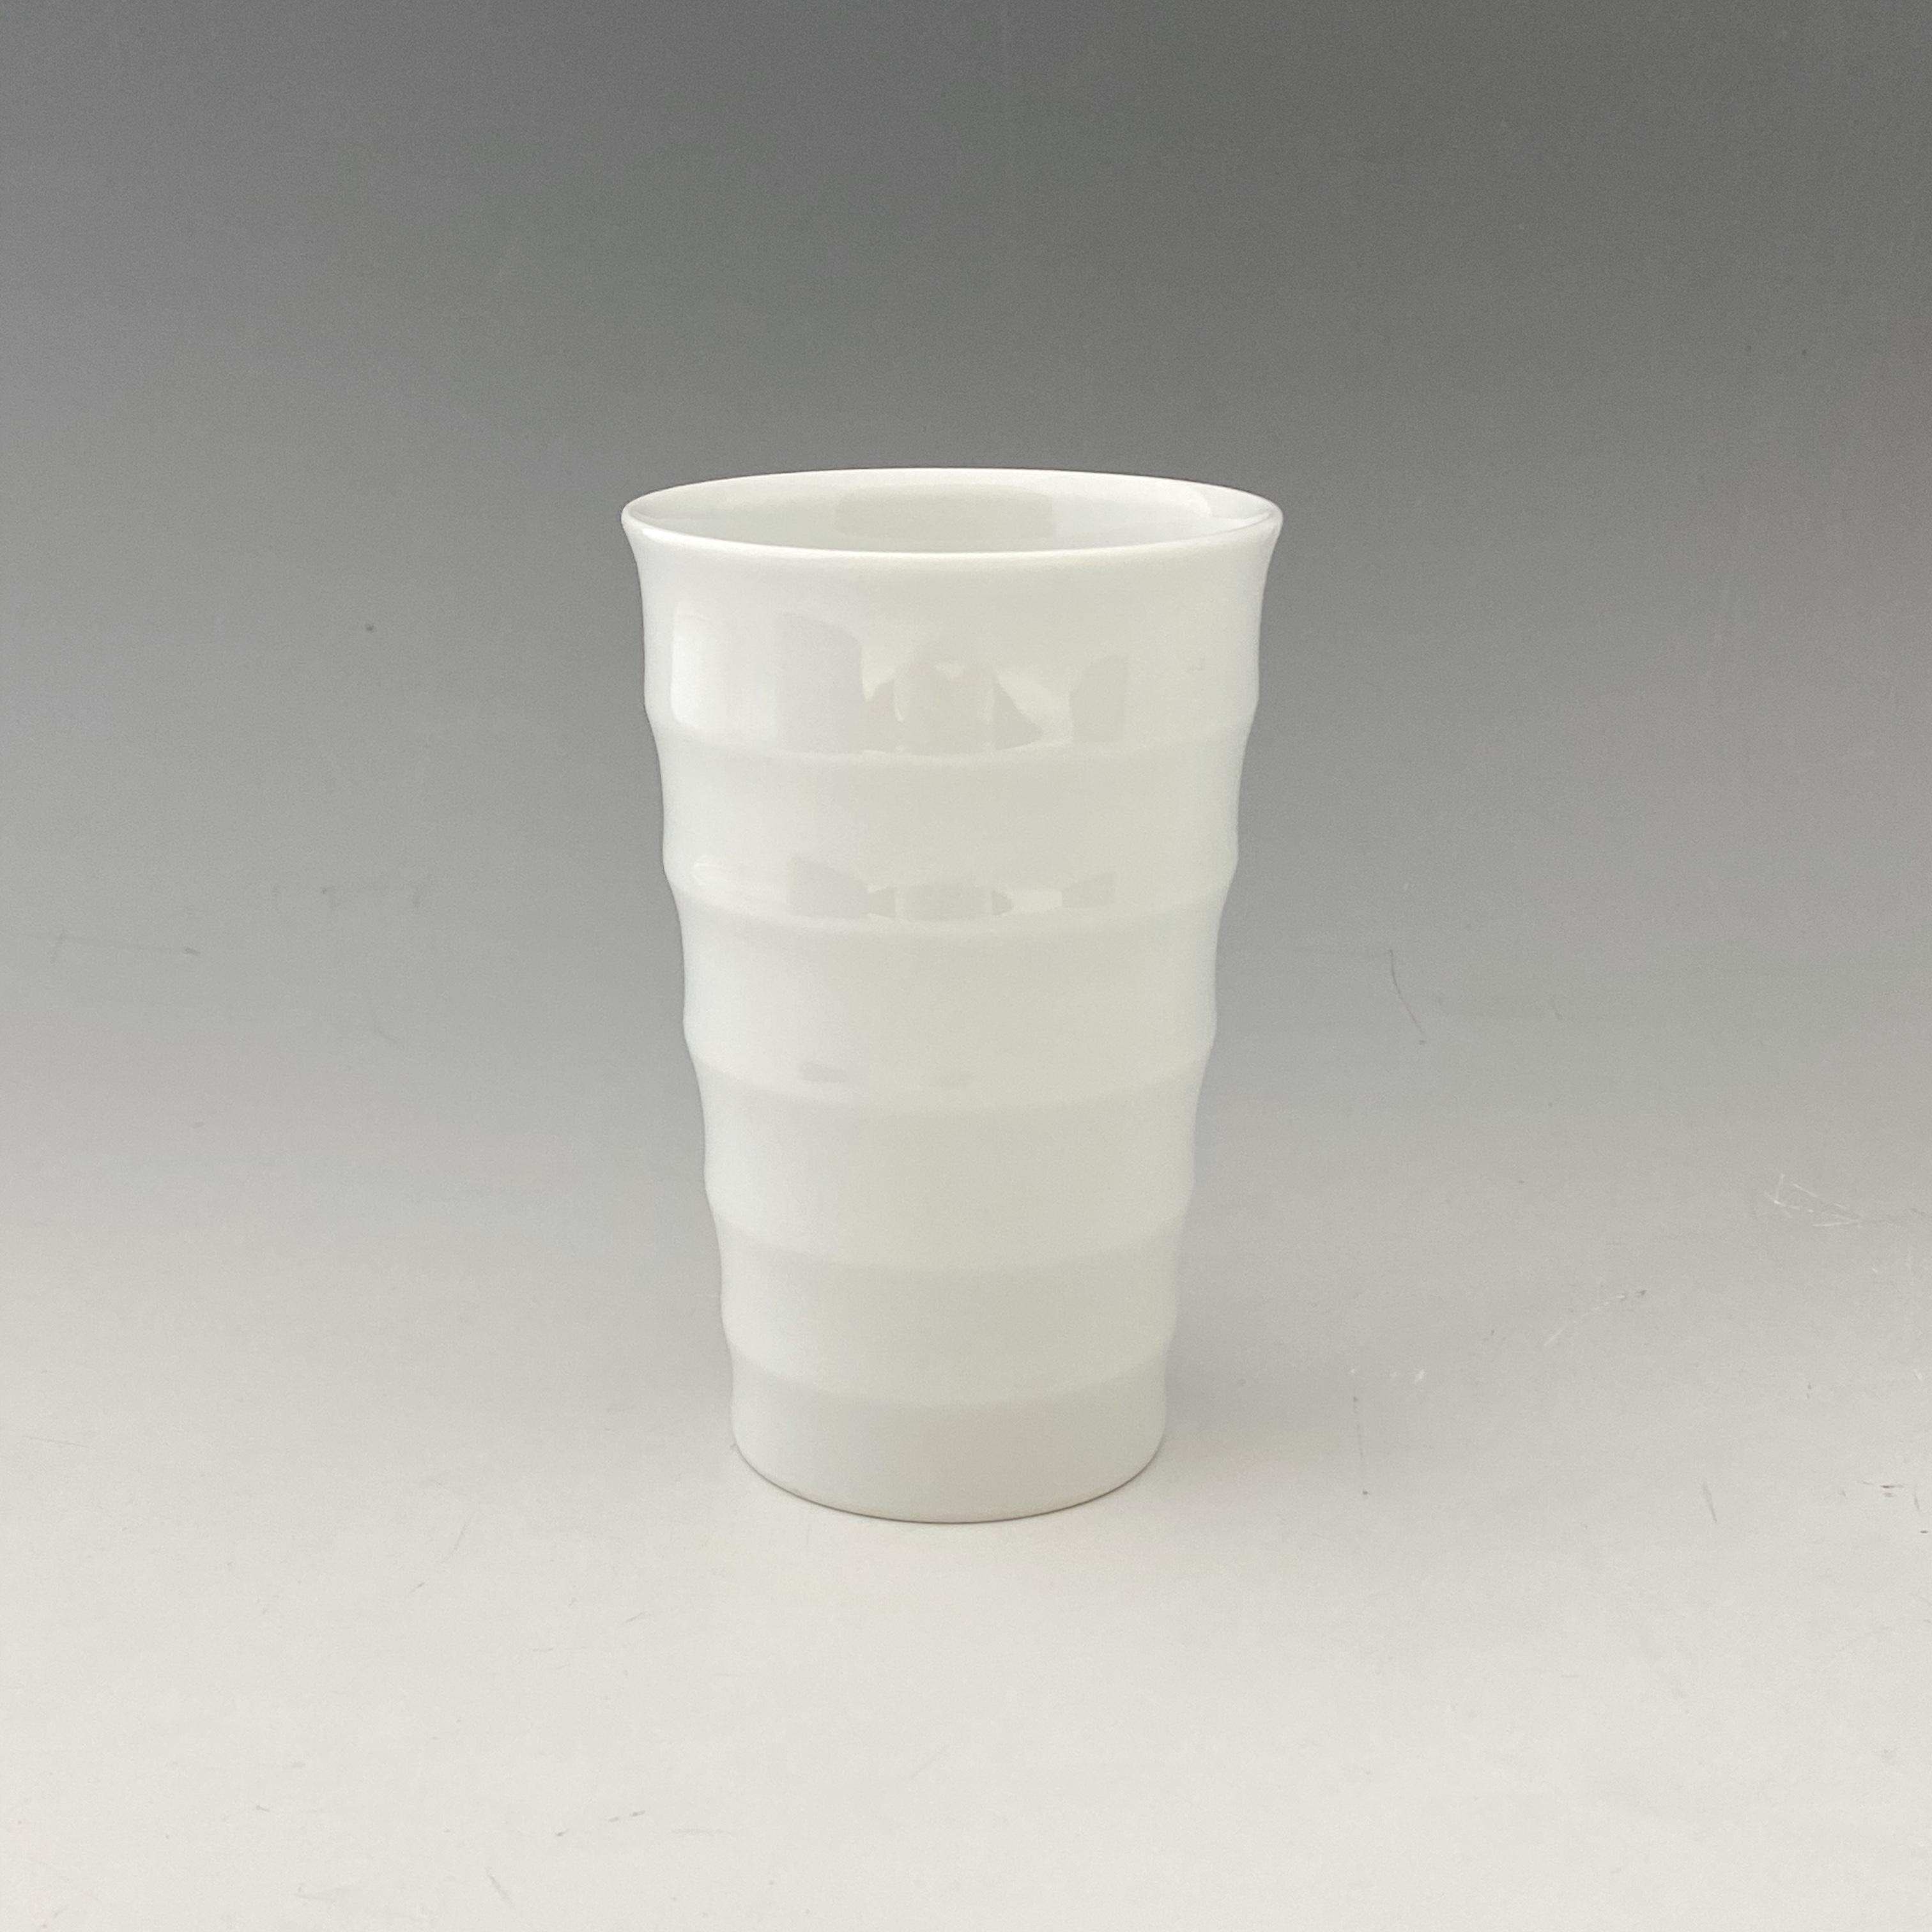 【中尾恭純】白磁線段フリーカップ